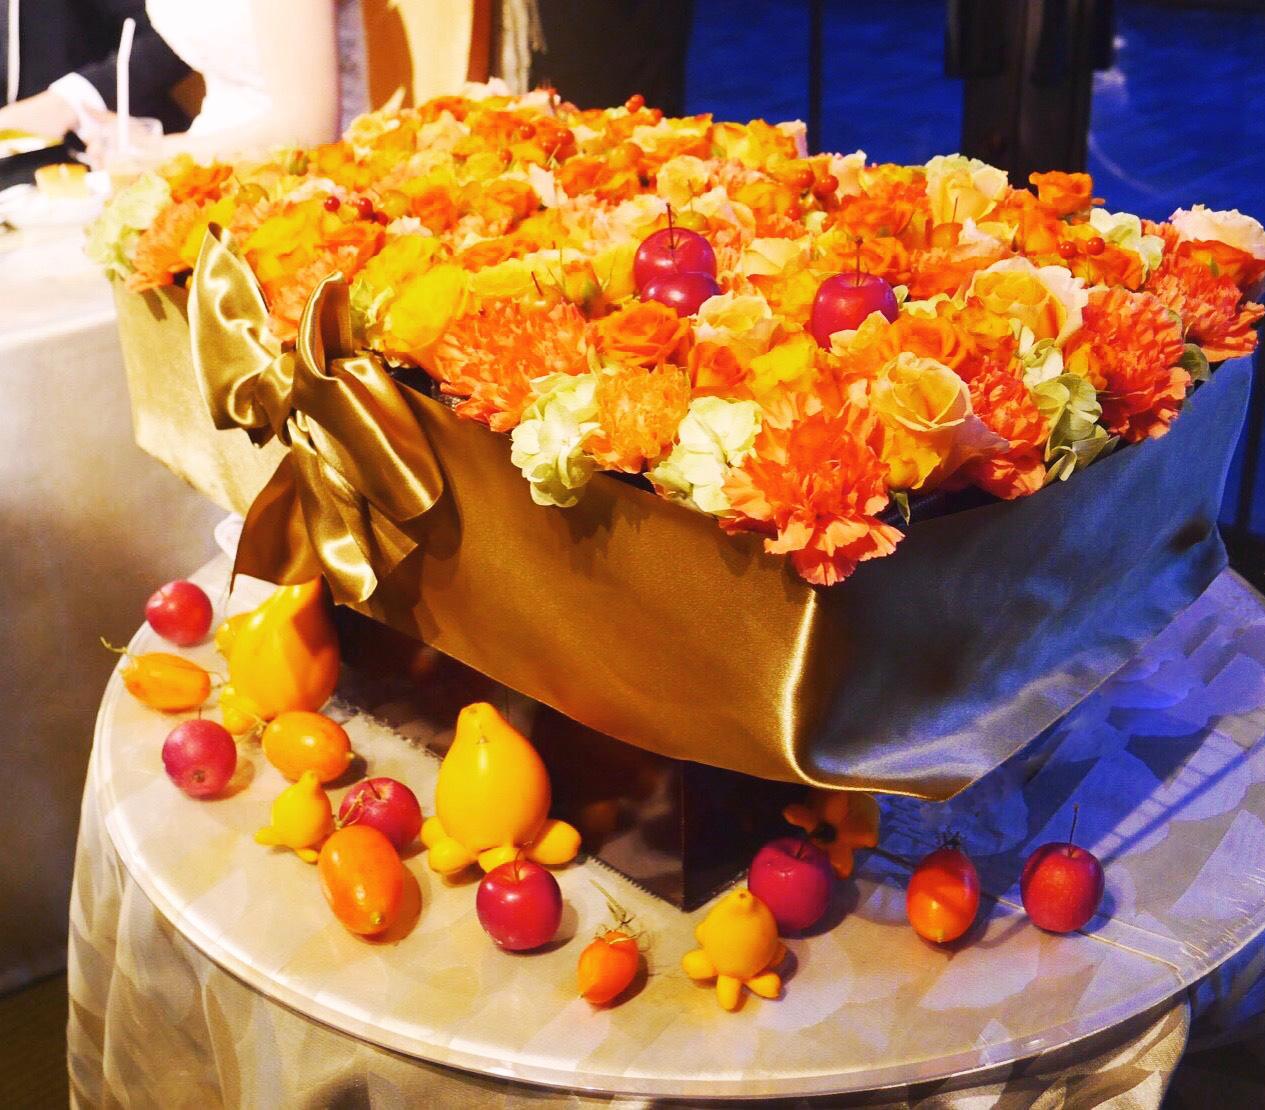 秋の装花 結婚式のフラワーケーキ、オレンジ色で28シェアに 横浜迎賓館さまへ_a0042928_12473174.jpg